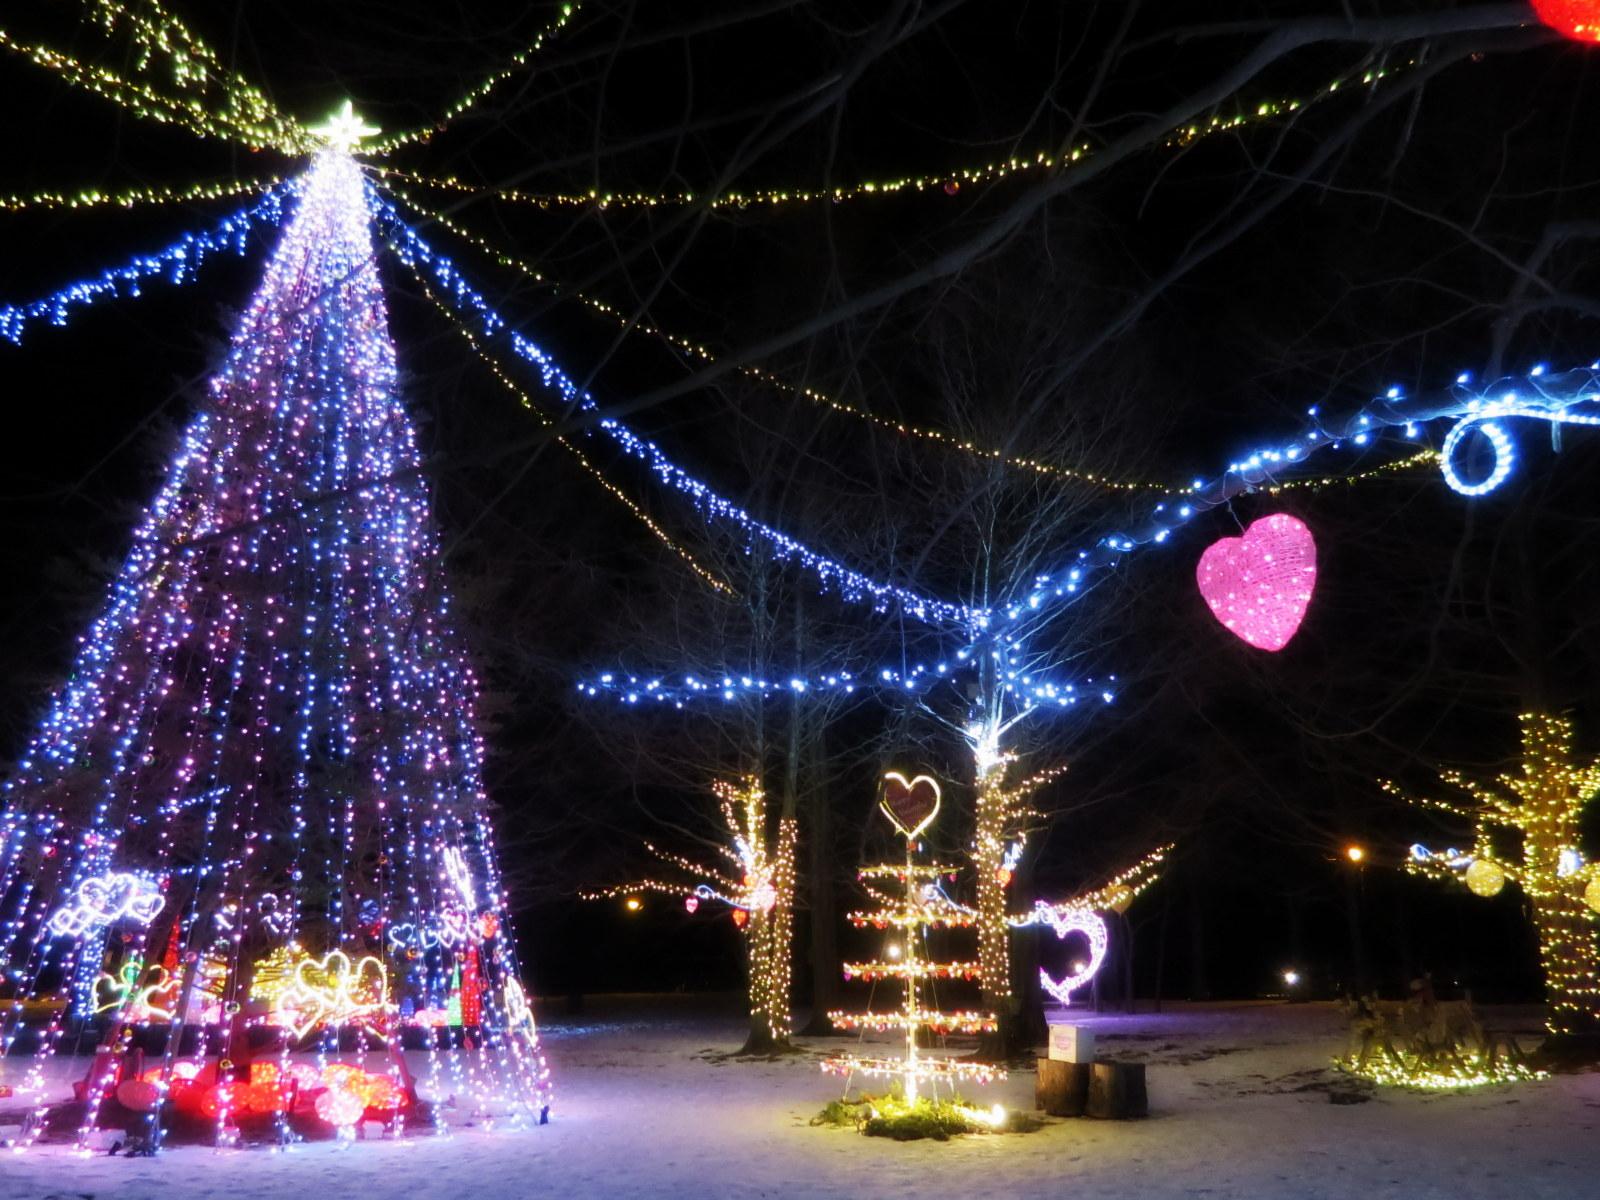 2015軽井沢・冬ものがたり☆Valentine in 軽井沢_f0236260_18173044.jpg